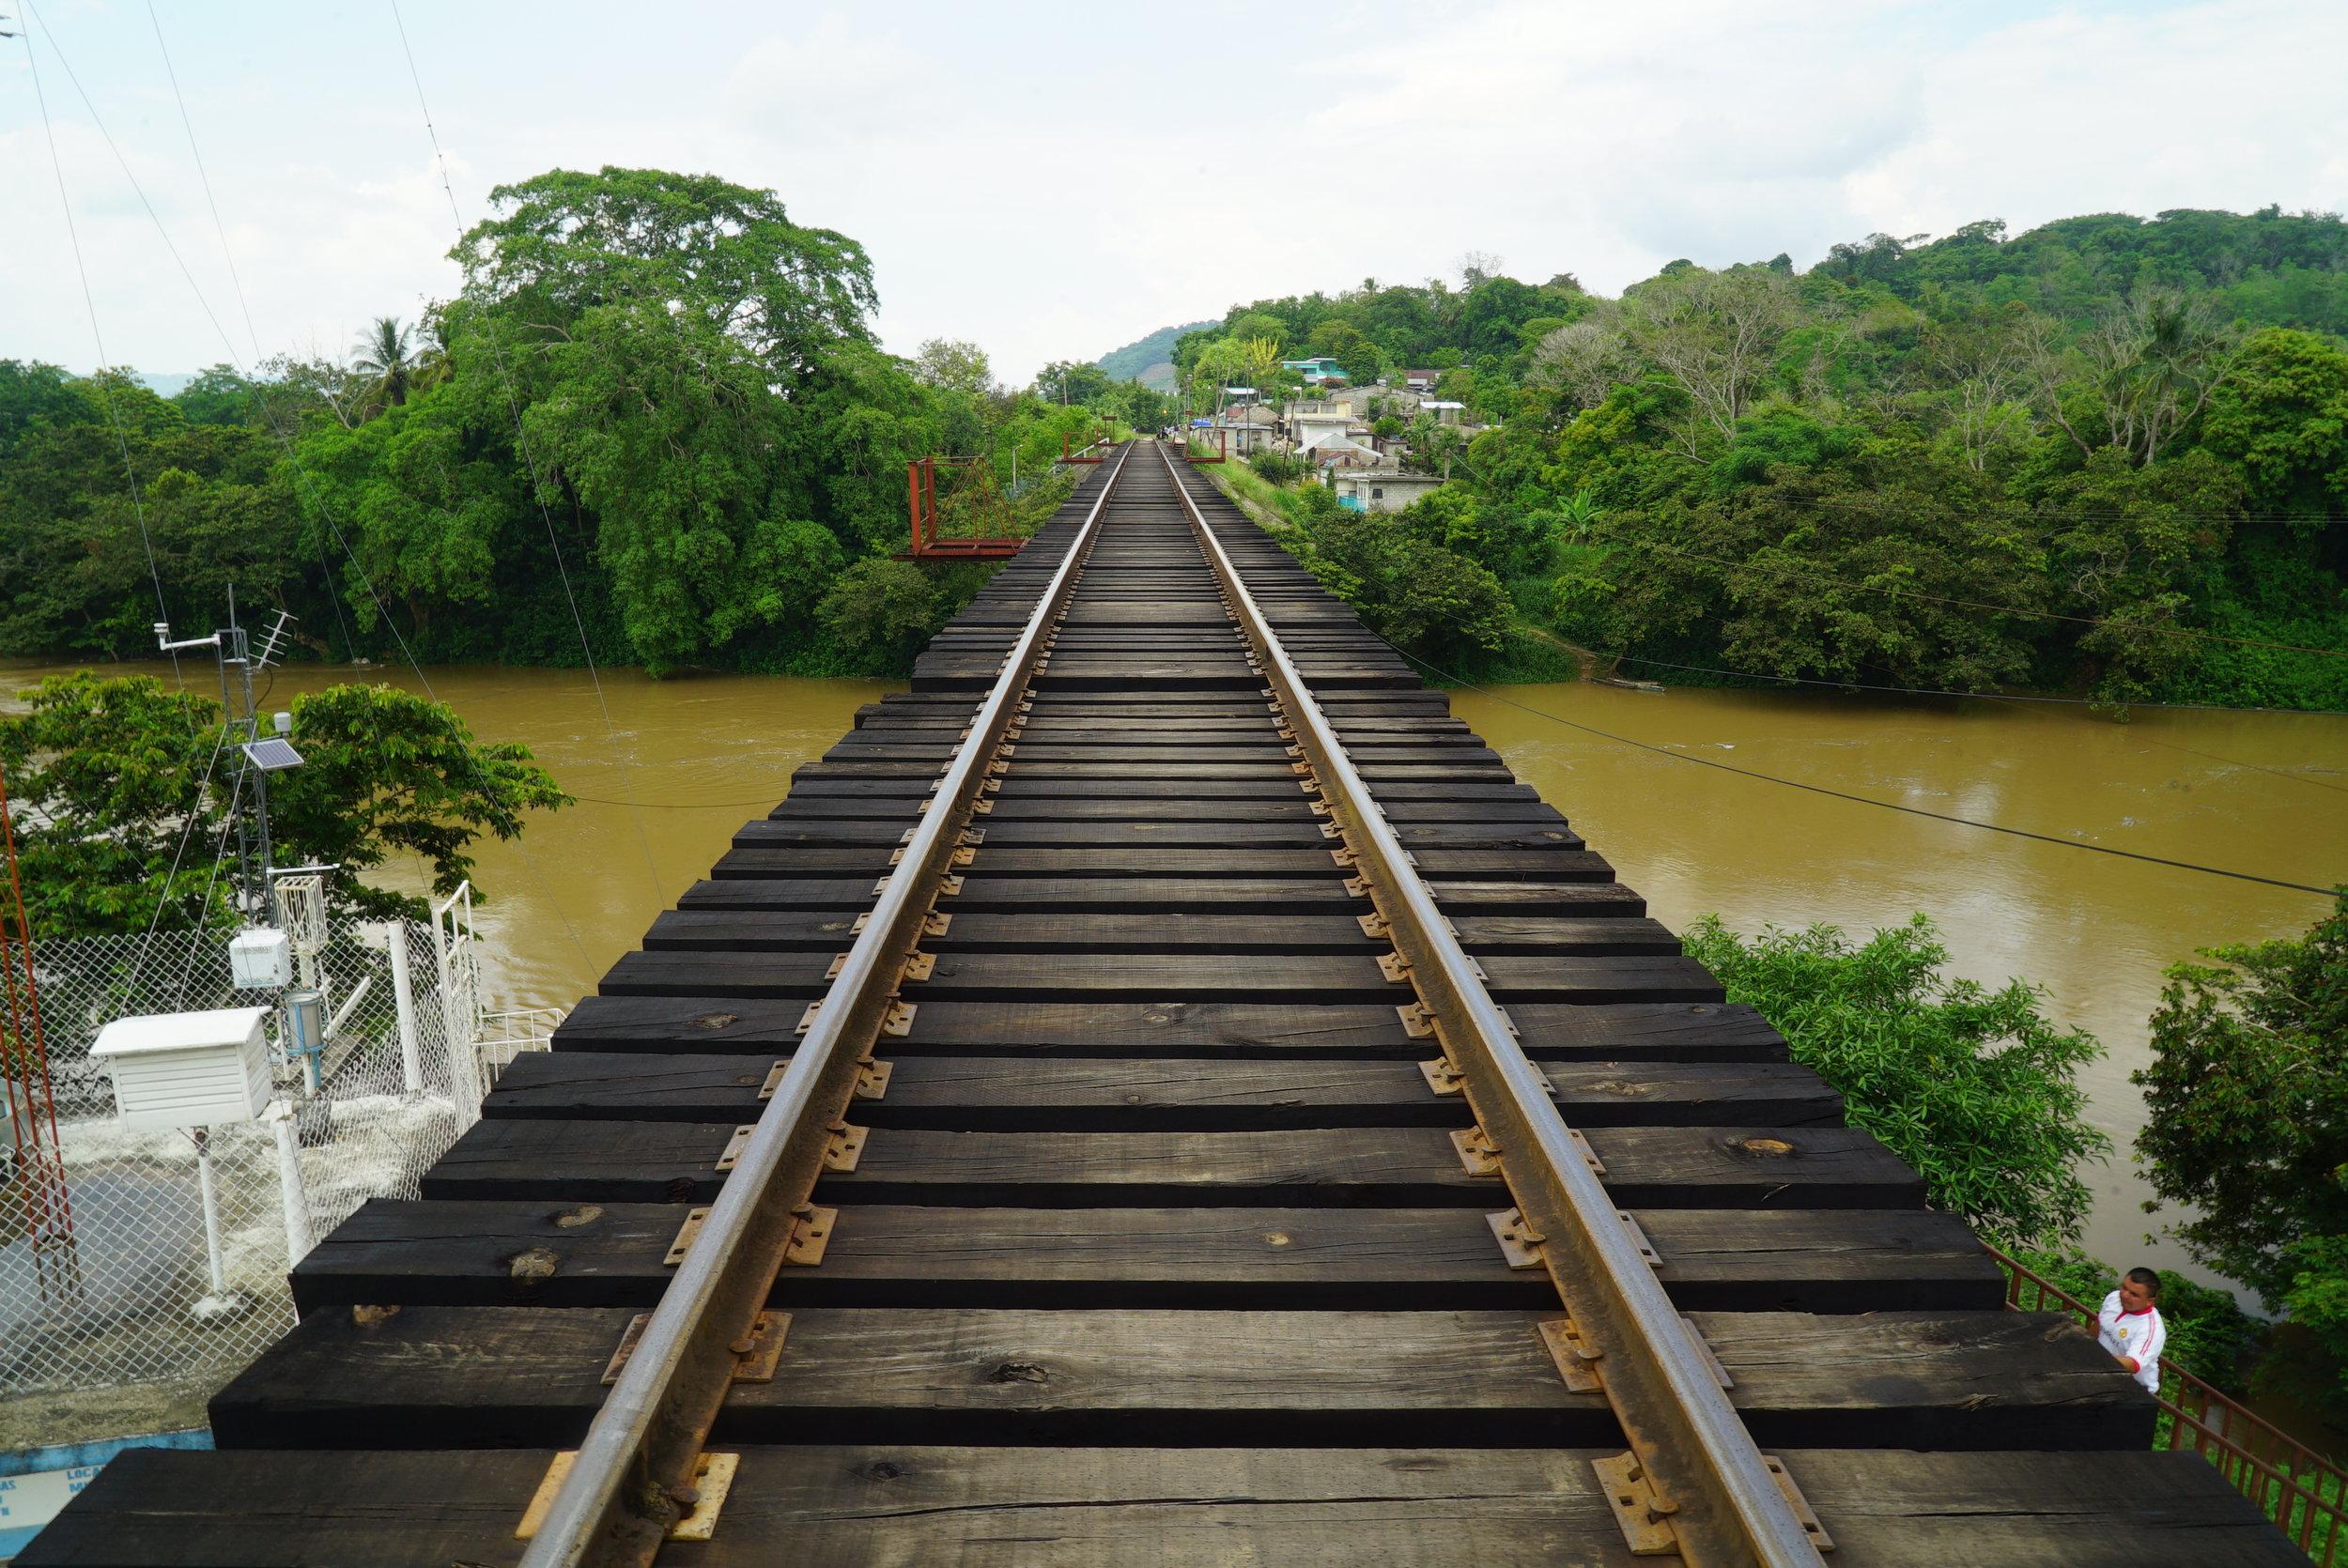 Las vías del tren de Salto de Agua, Mexico, cerca de la frontera con Guatemala. Créditos Fotográficos:Irving Mondragón.